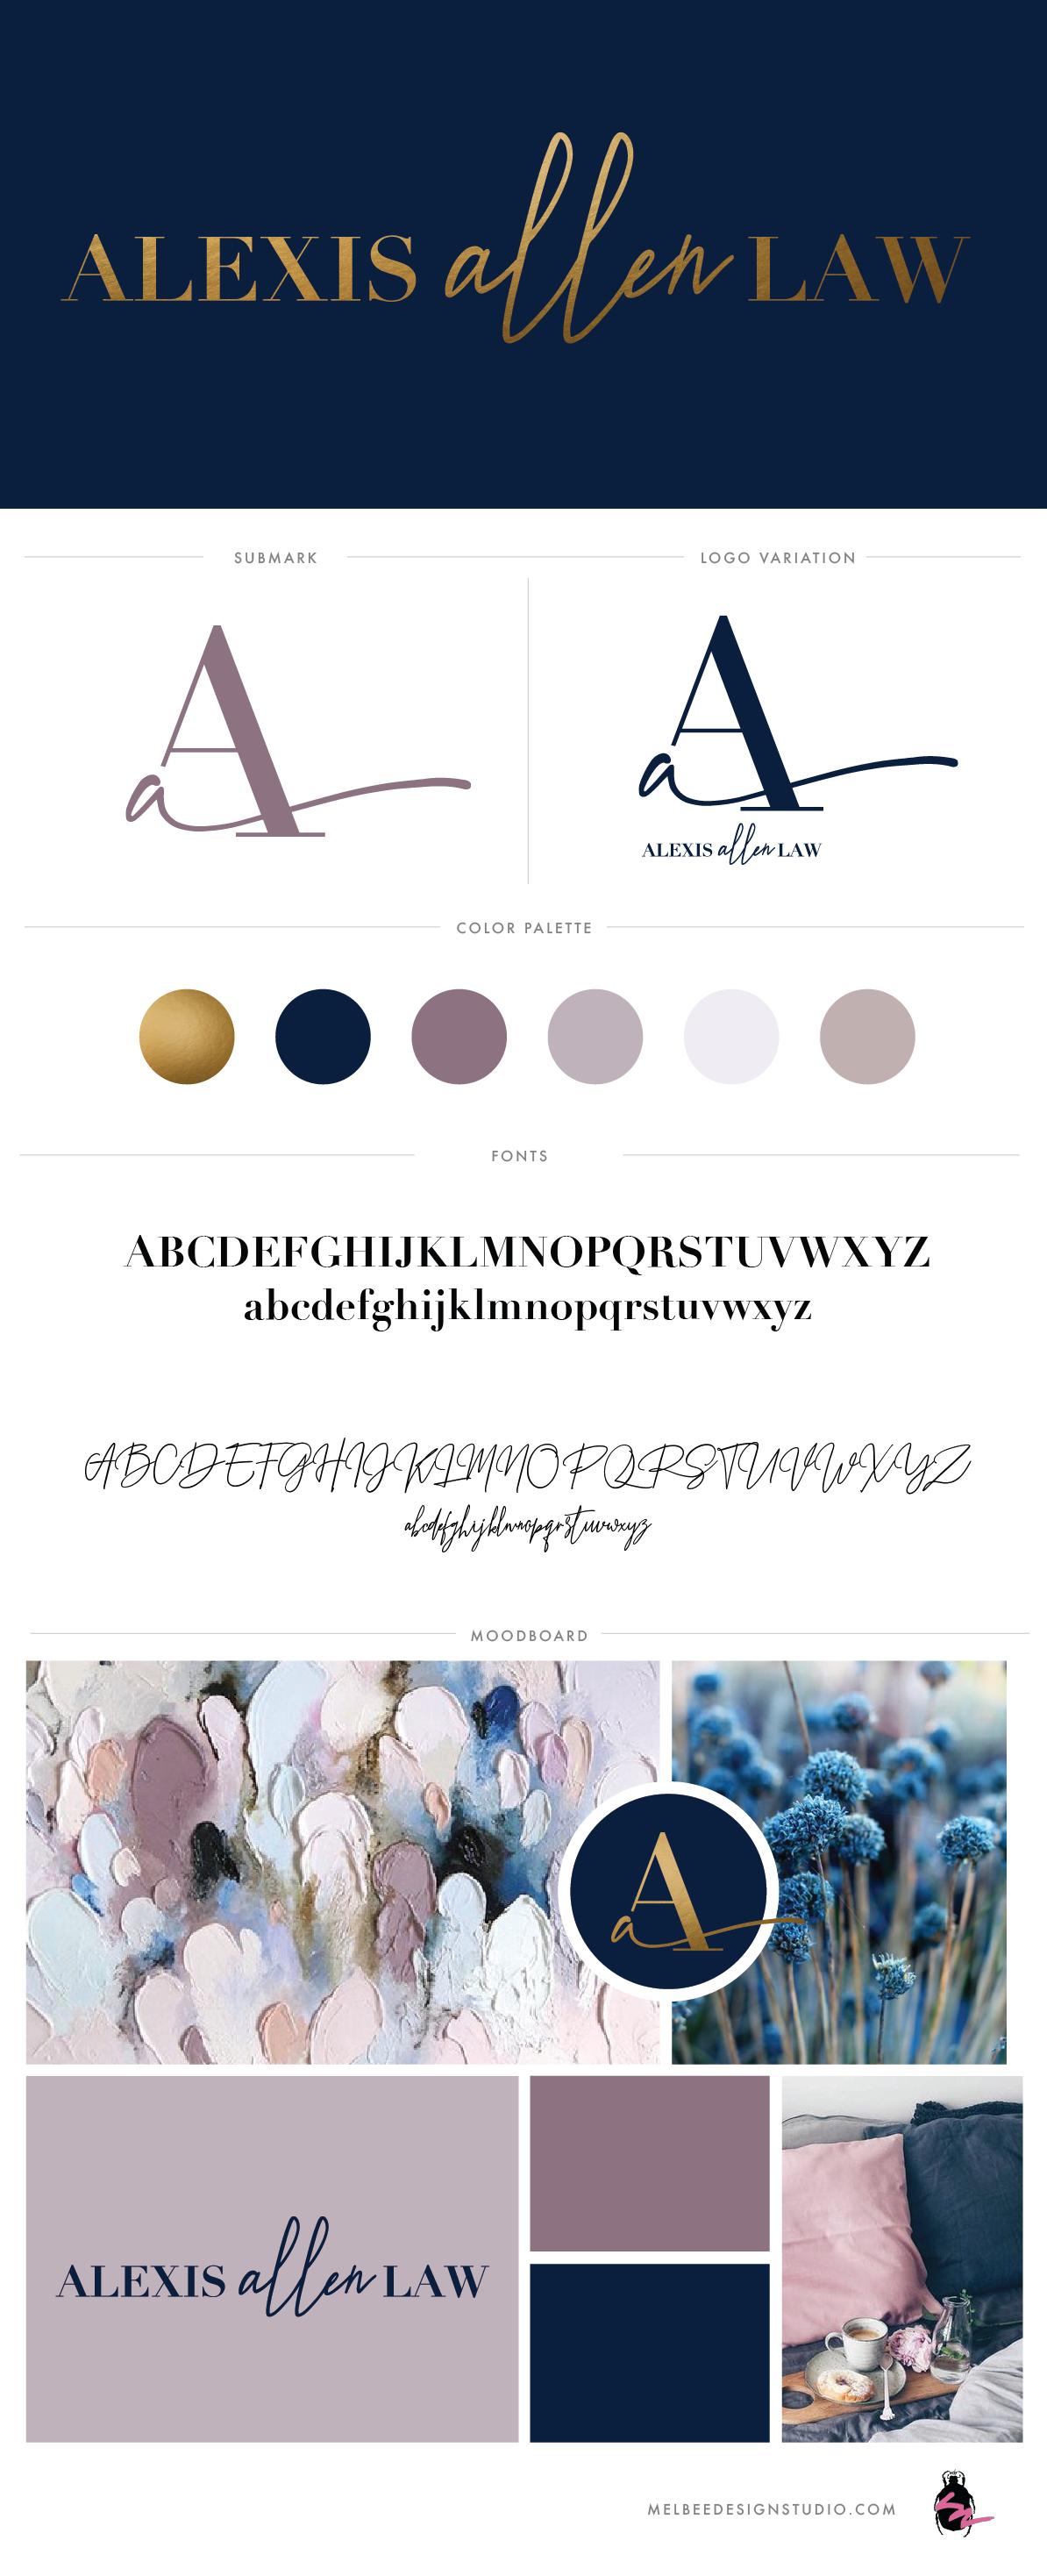 Logo design, logo, branding, law firm, monogram design